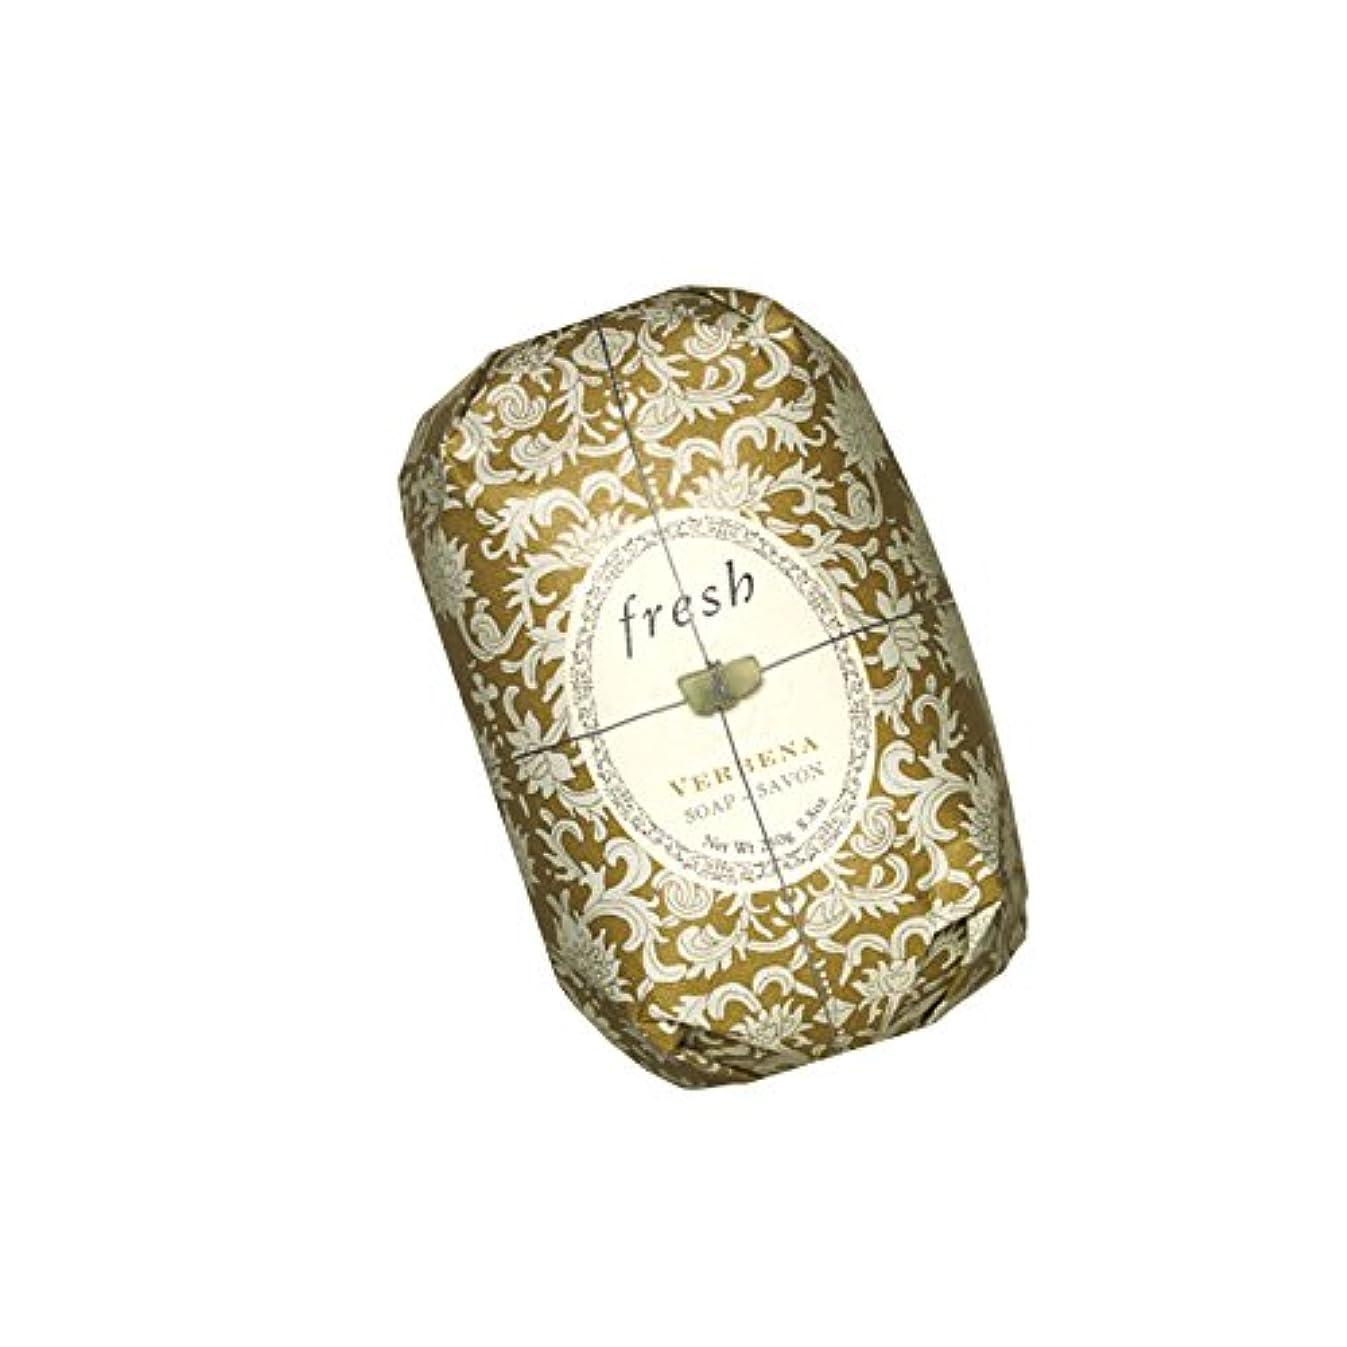 マーティンルーサーキングジュニア接続タイルFresh フレッシュ Verbena Soap 石鹸, 250g/8.8oz. [海外直送品] [並行輸入品]